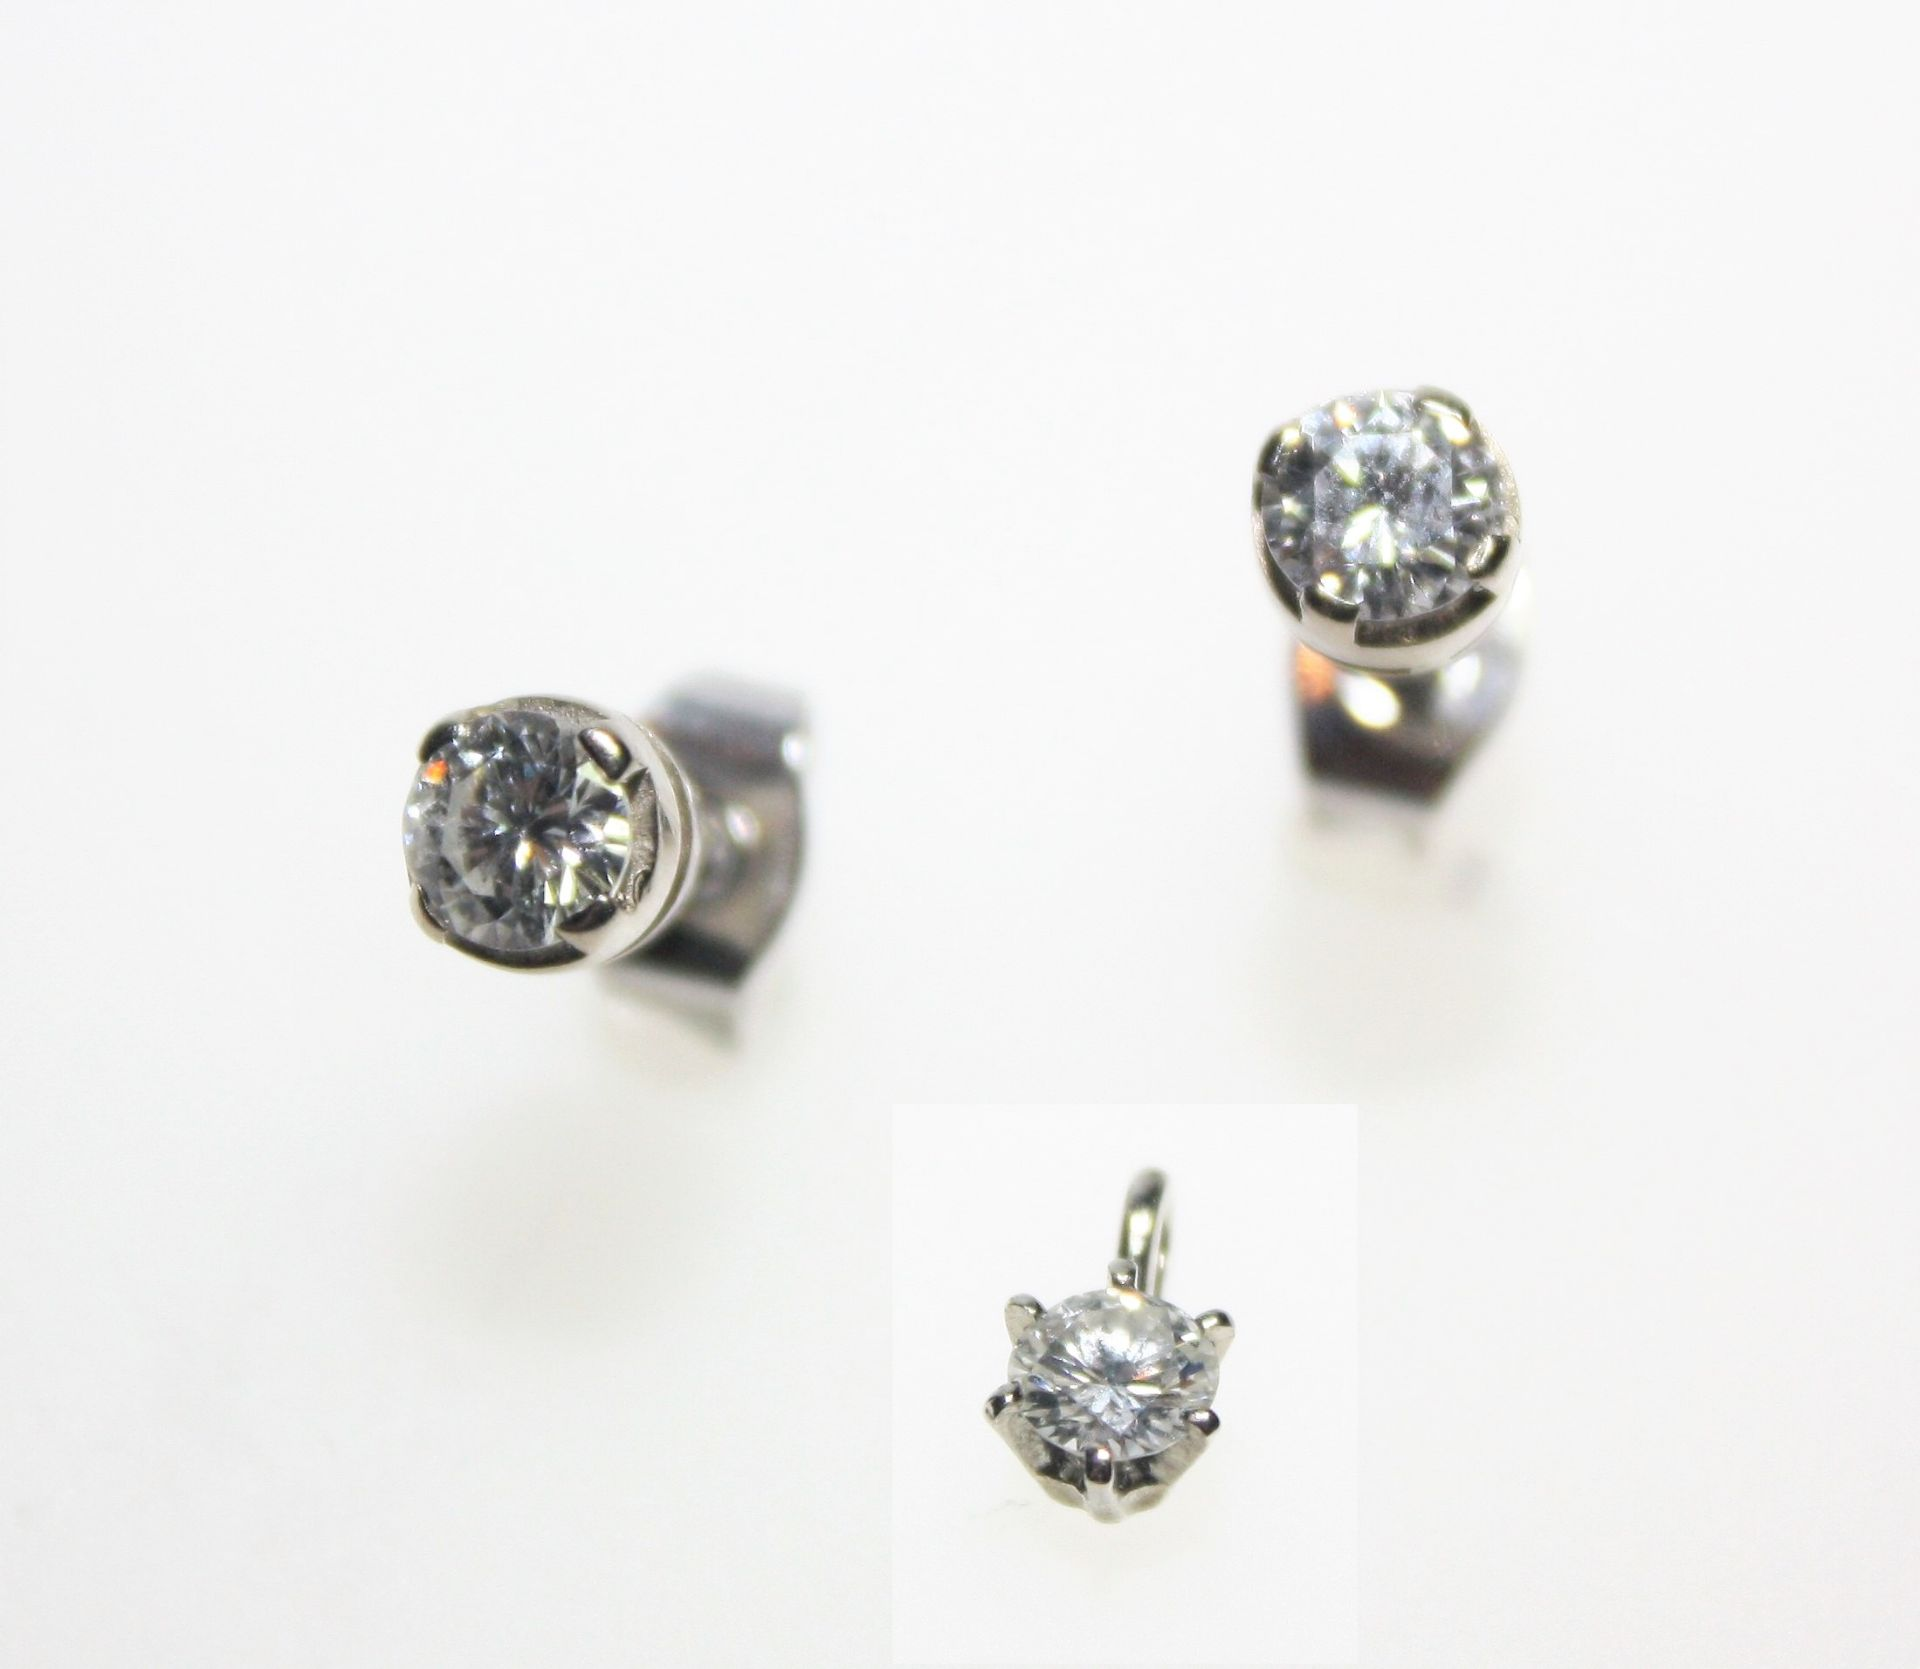 Los 9 - Kleine, weißgoldene Garnitur:1 kleiner Anhänger mit einem Diamanten in Brillantschliff ca. 0,33 ct